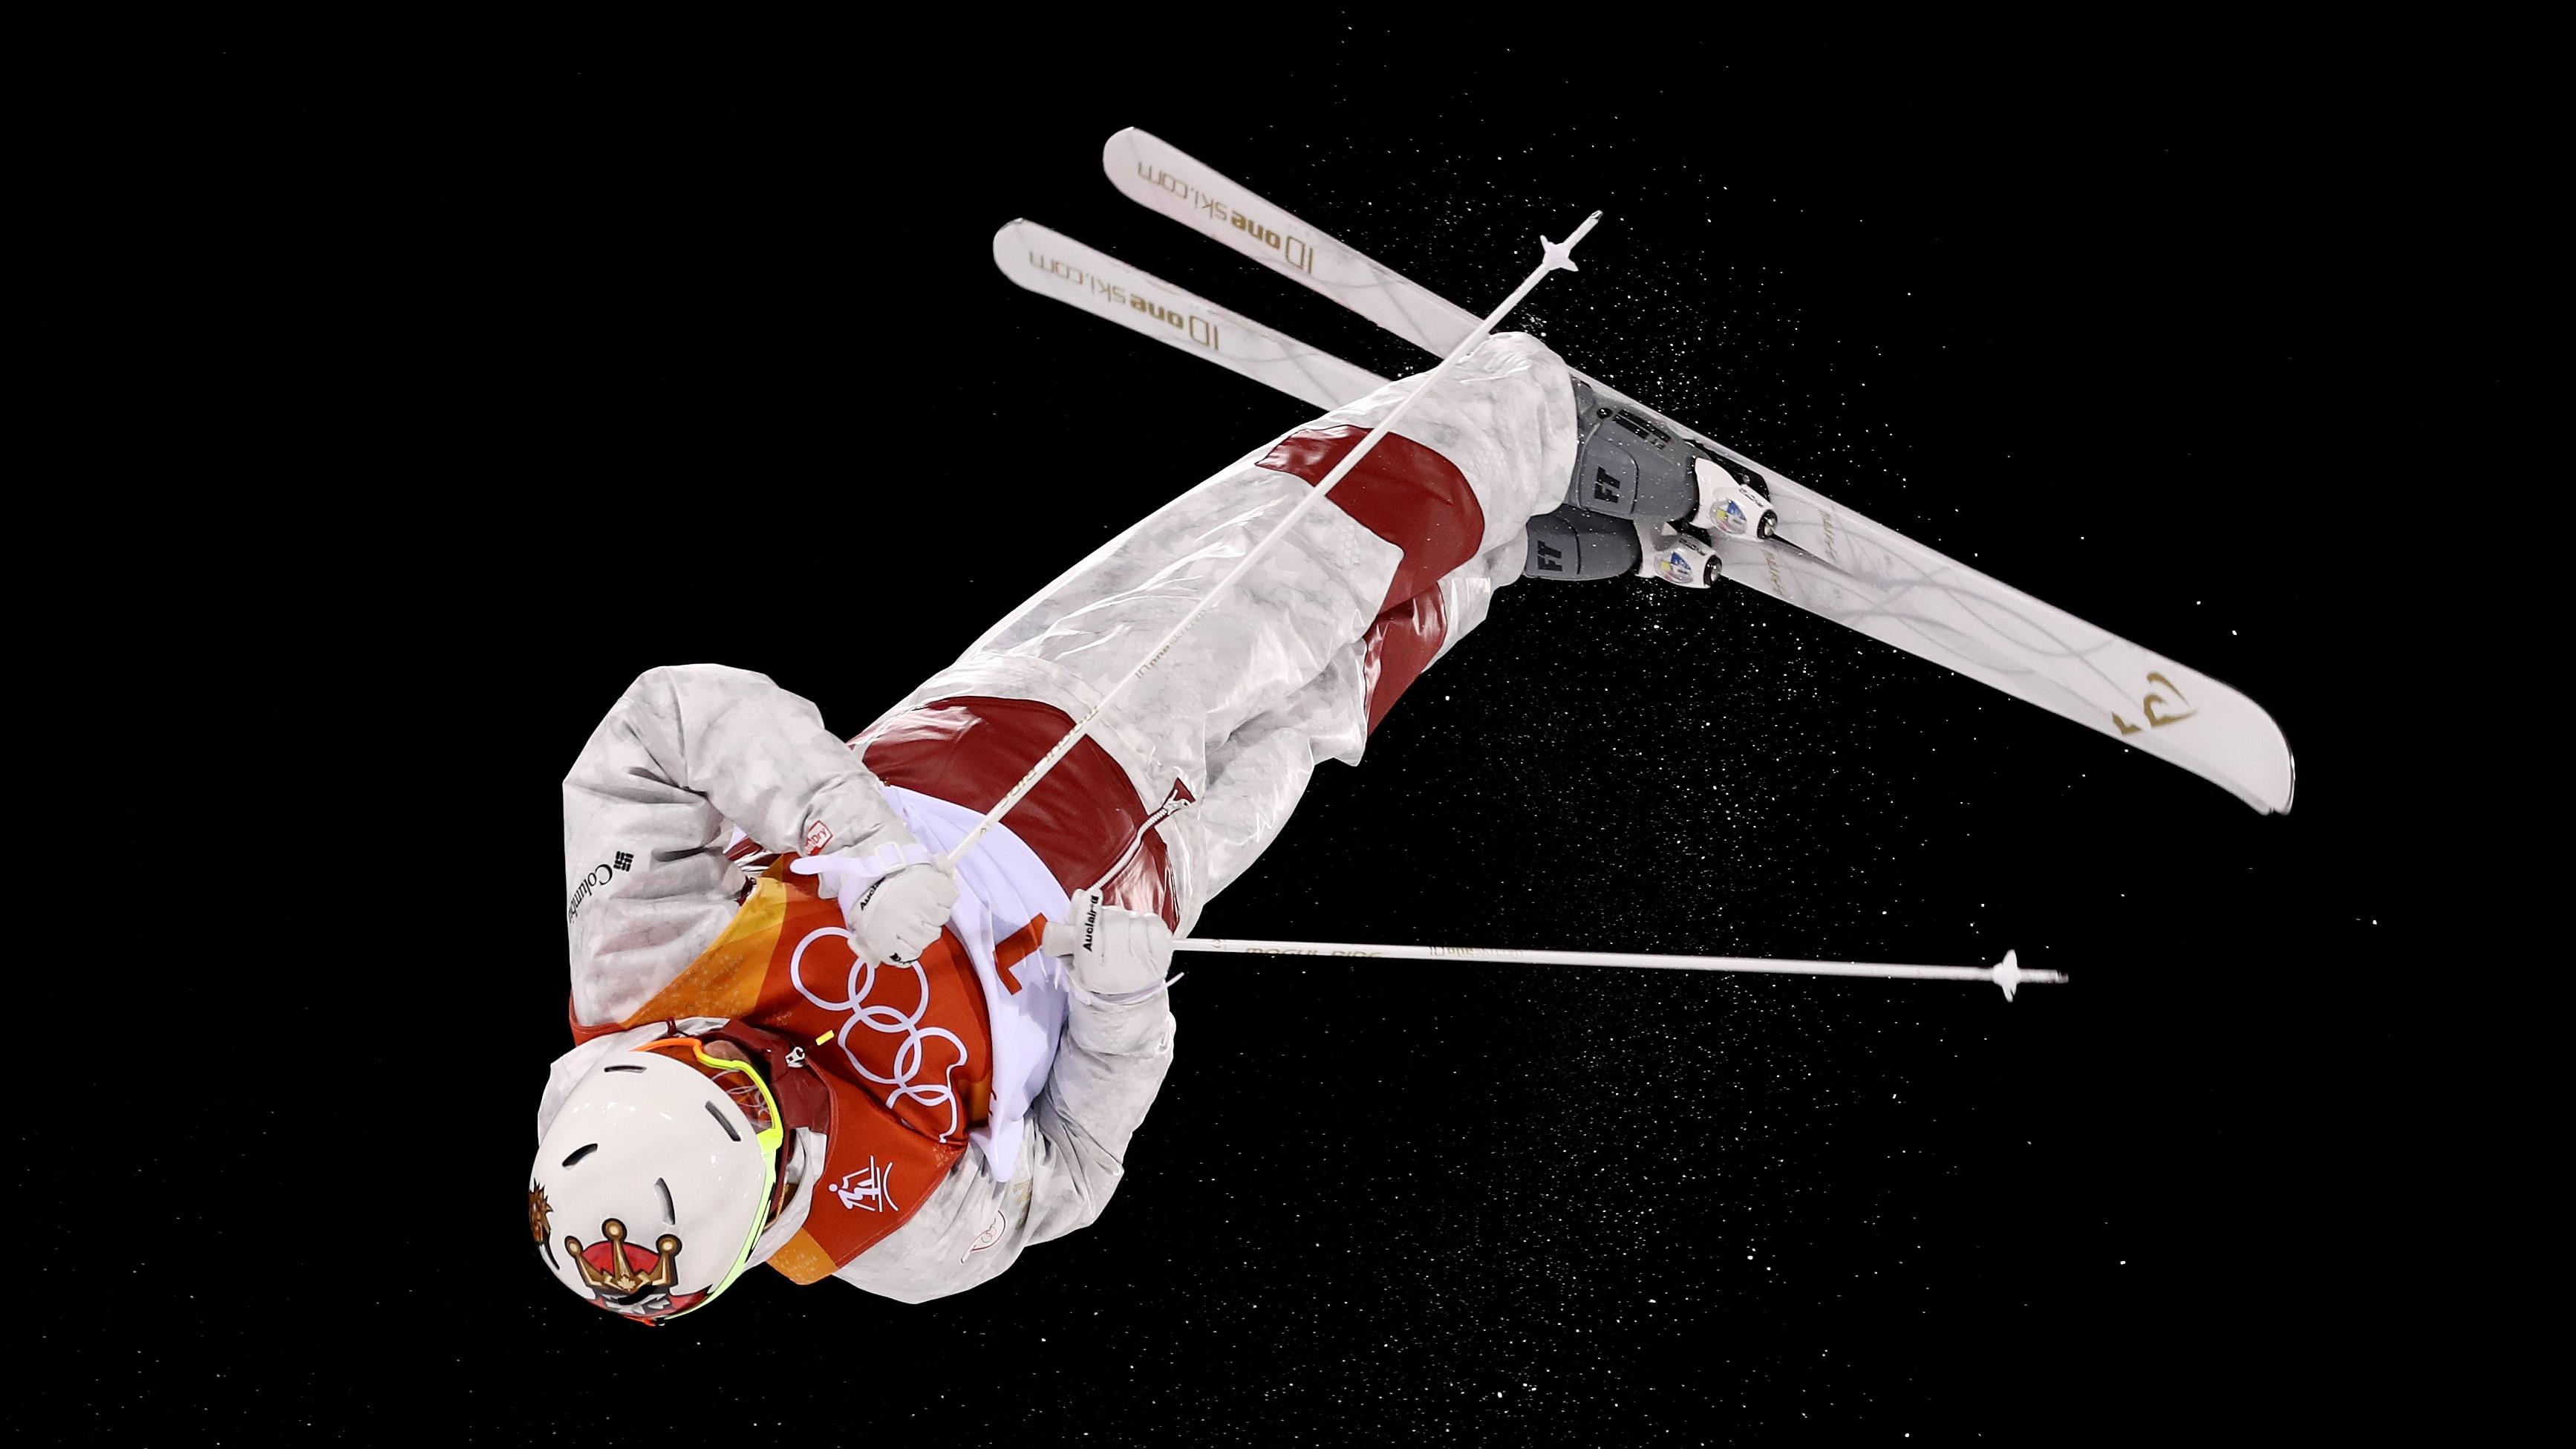 Mikaël Kingsbury effectue un saut en finale des bosses à Pyeongchang